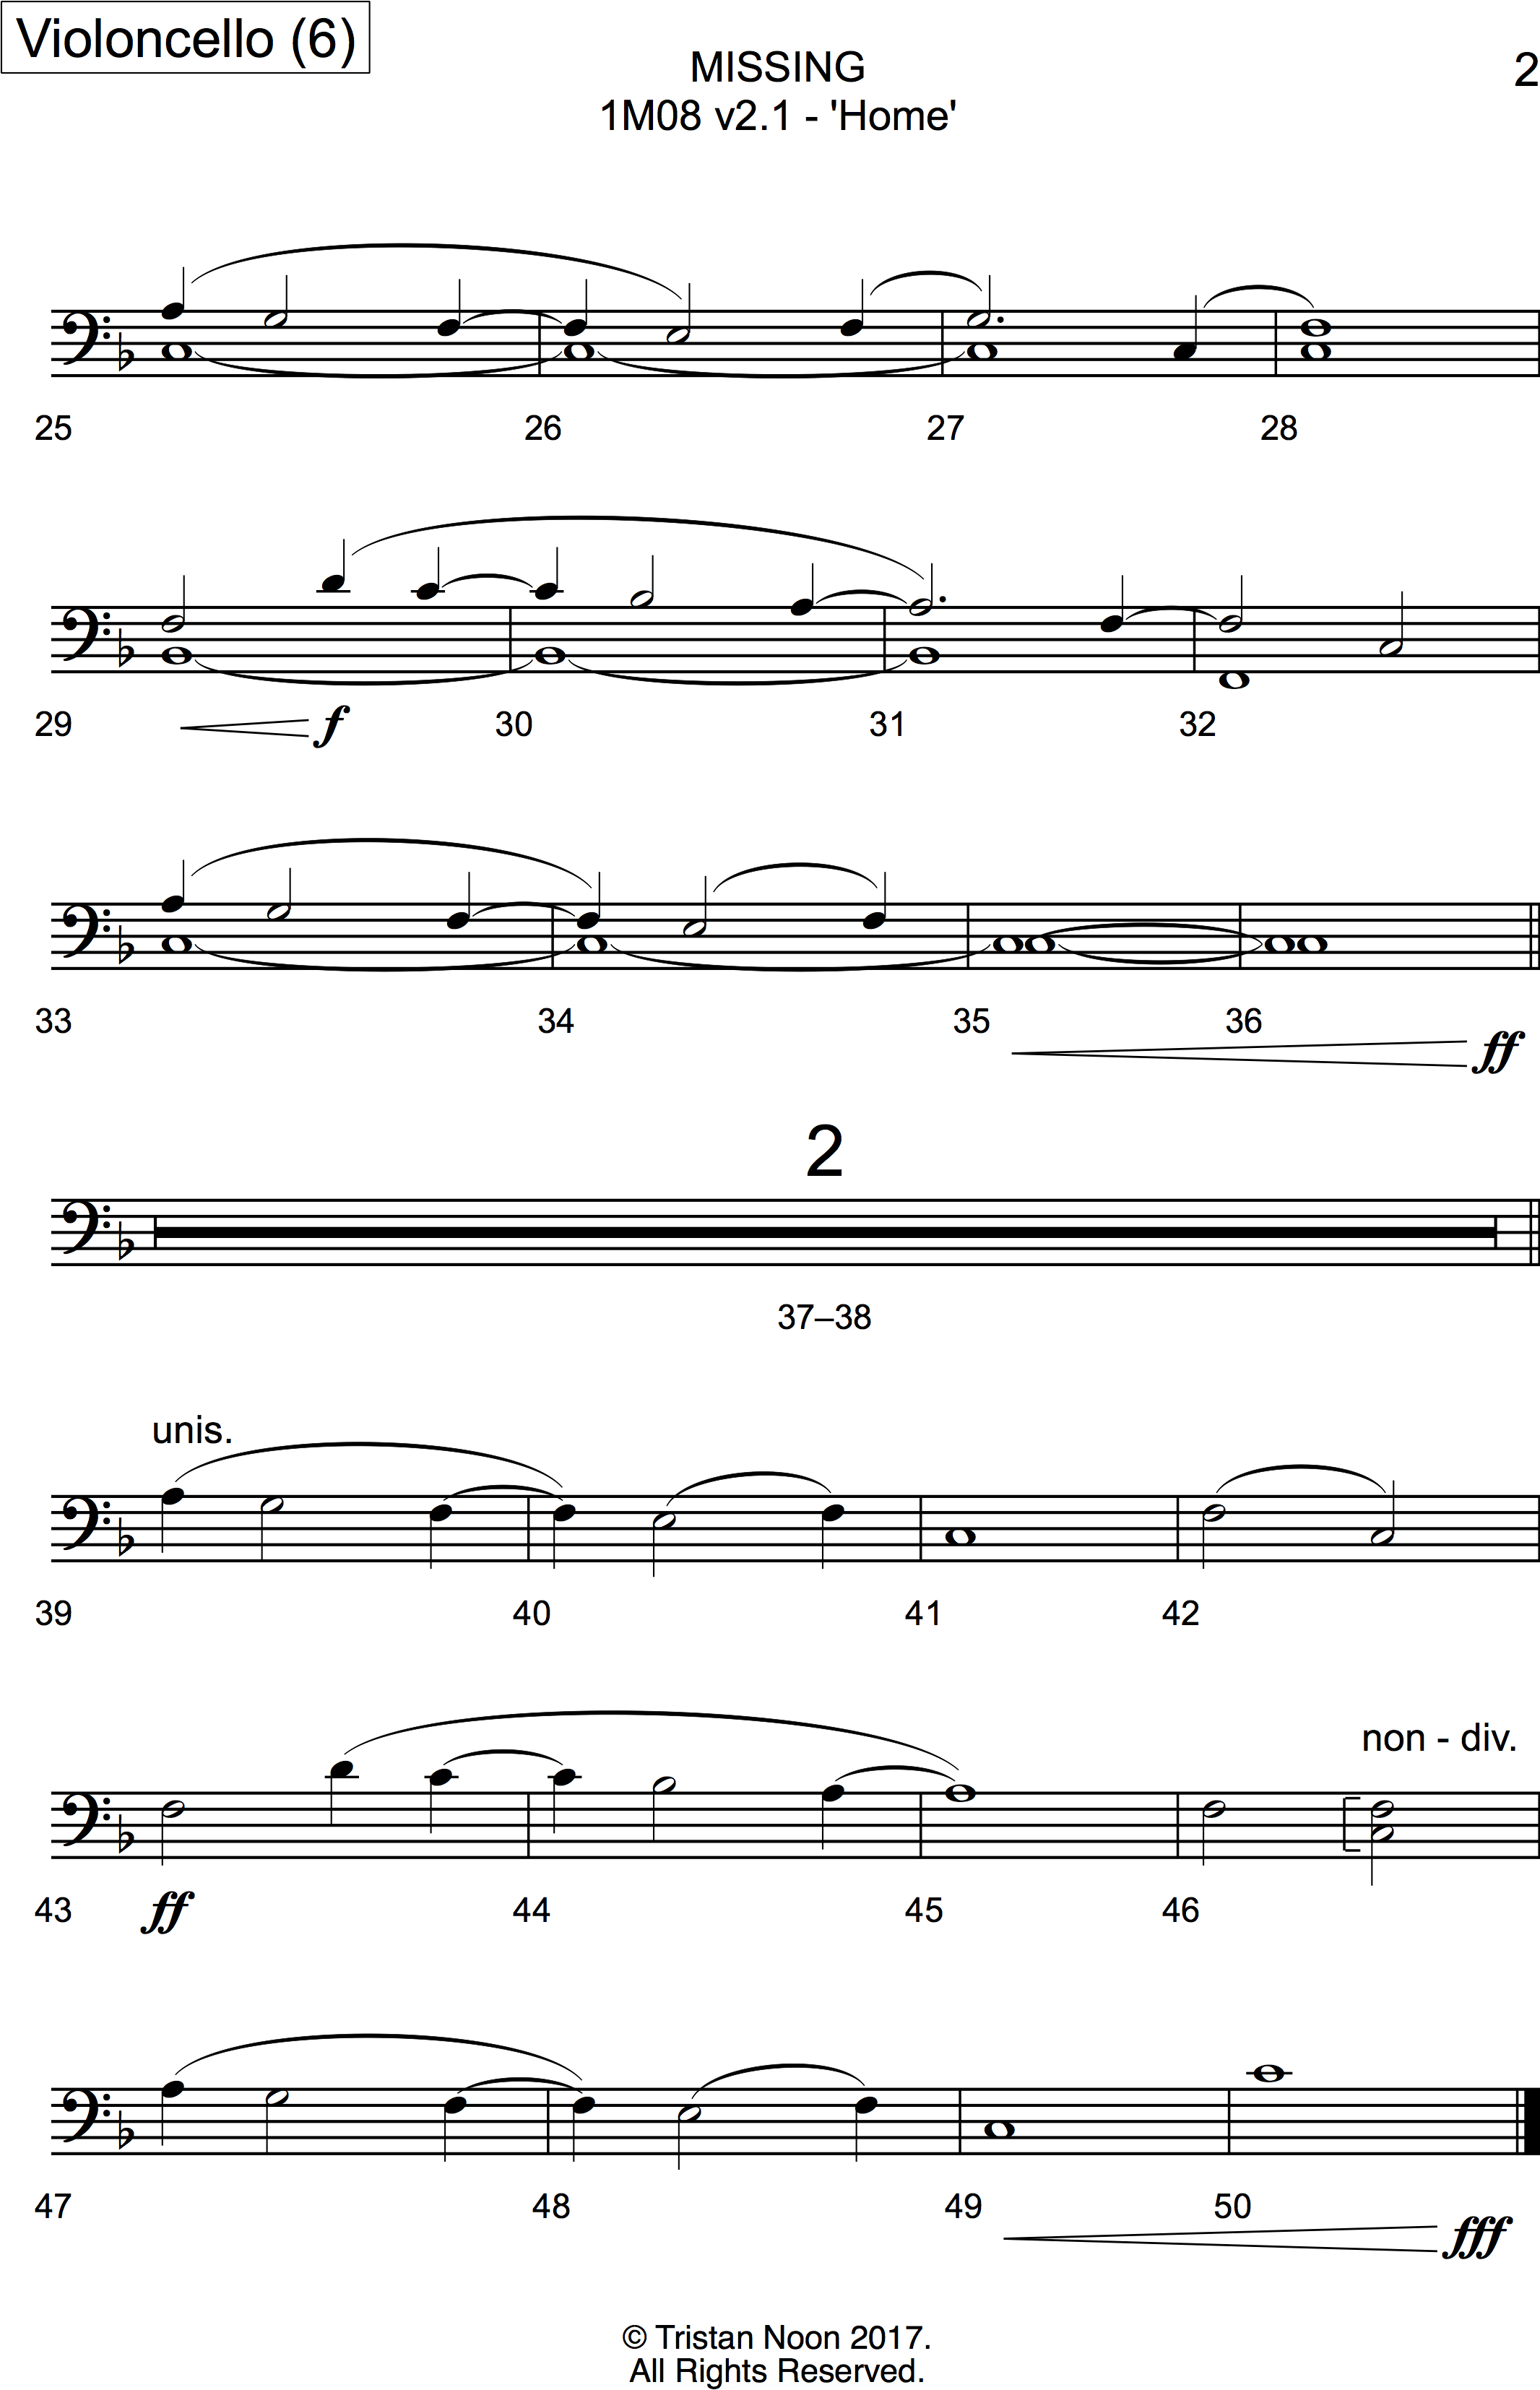 Violoncello (6)_0002.png